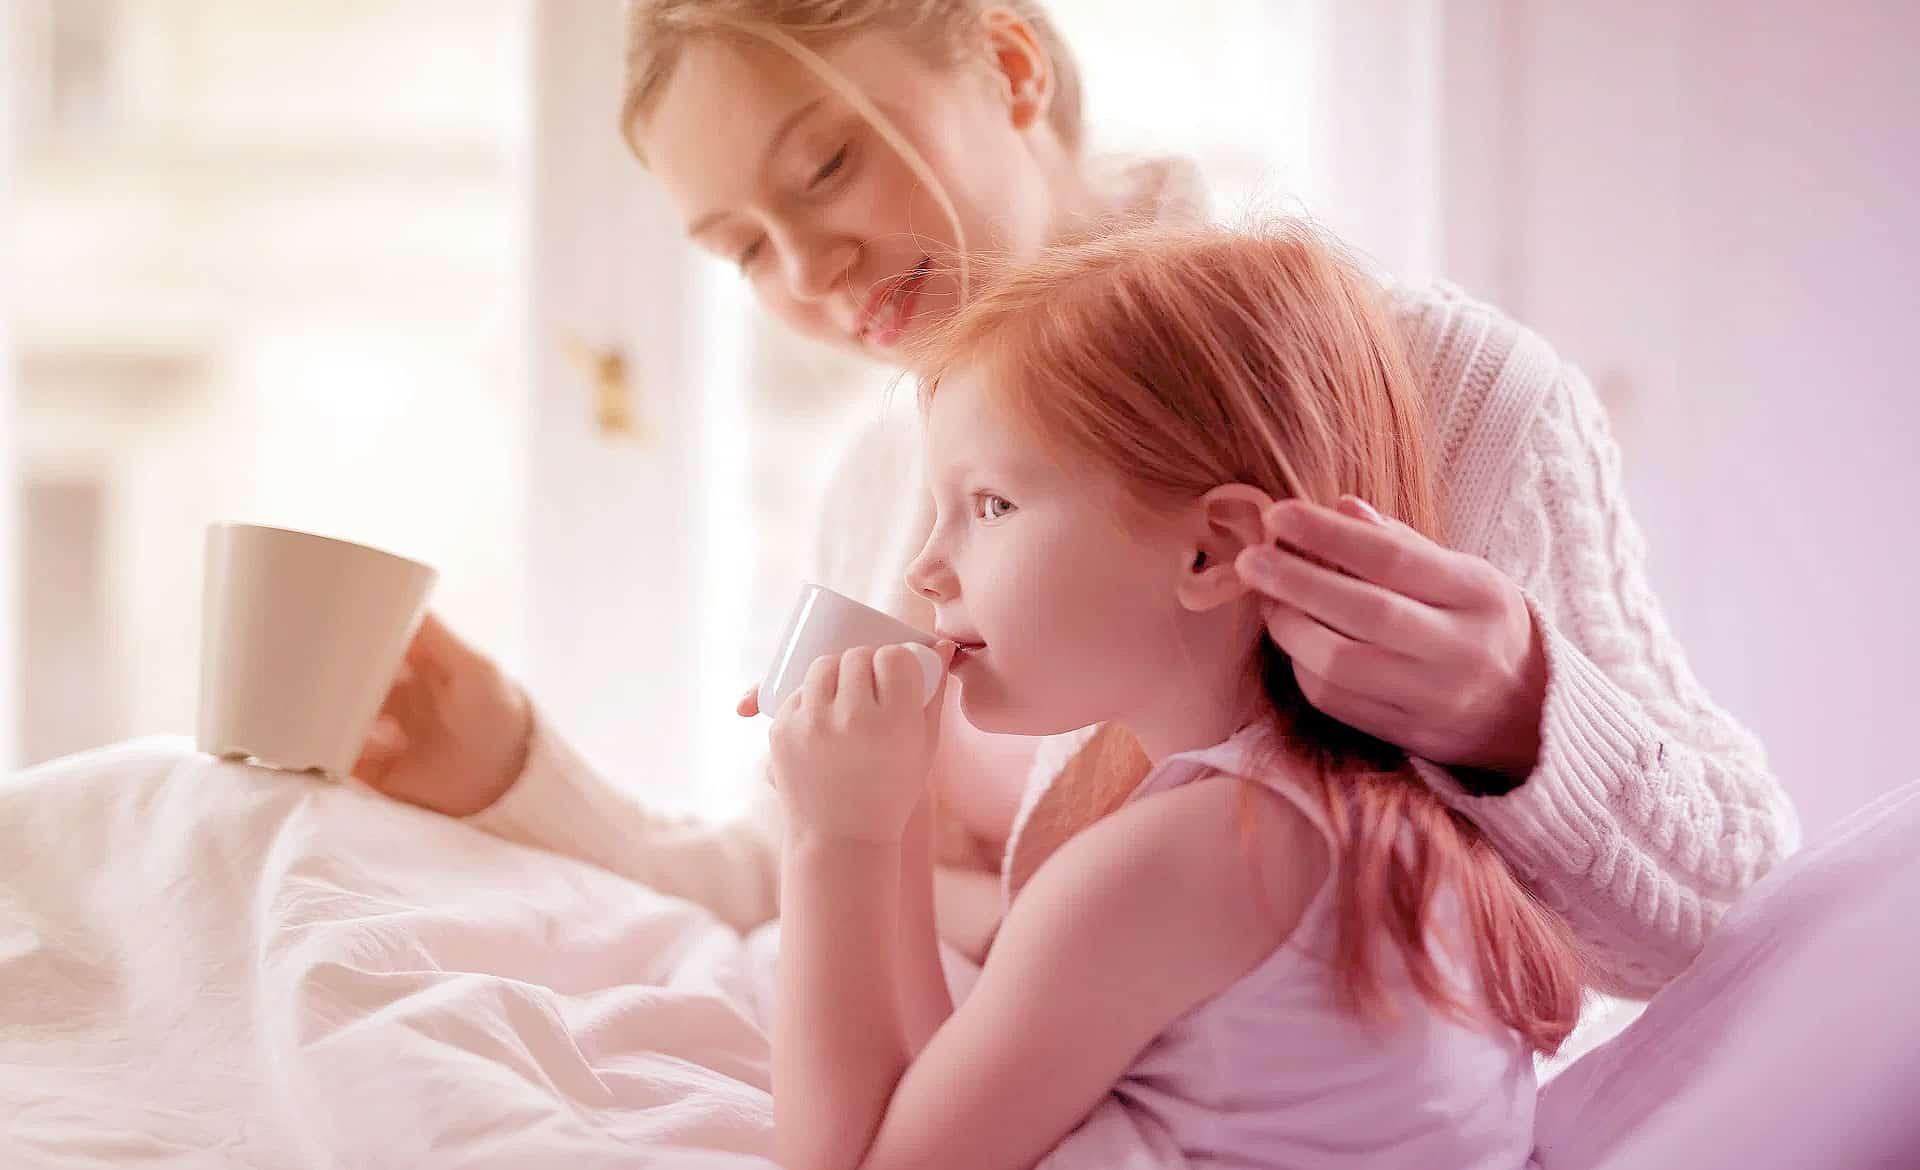 Ajudando nossos filhos a lidar com o COVID-19